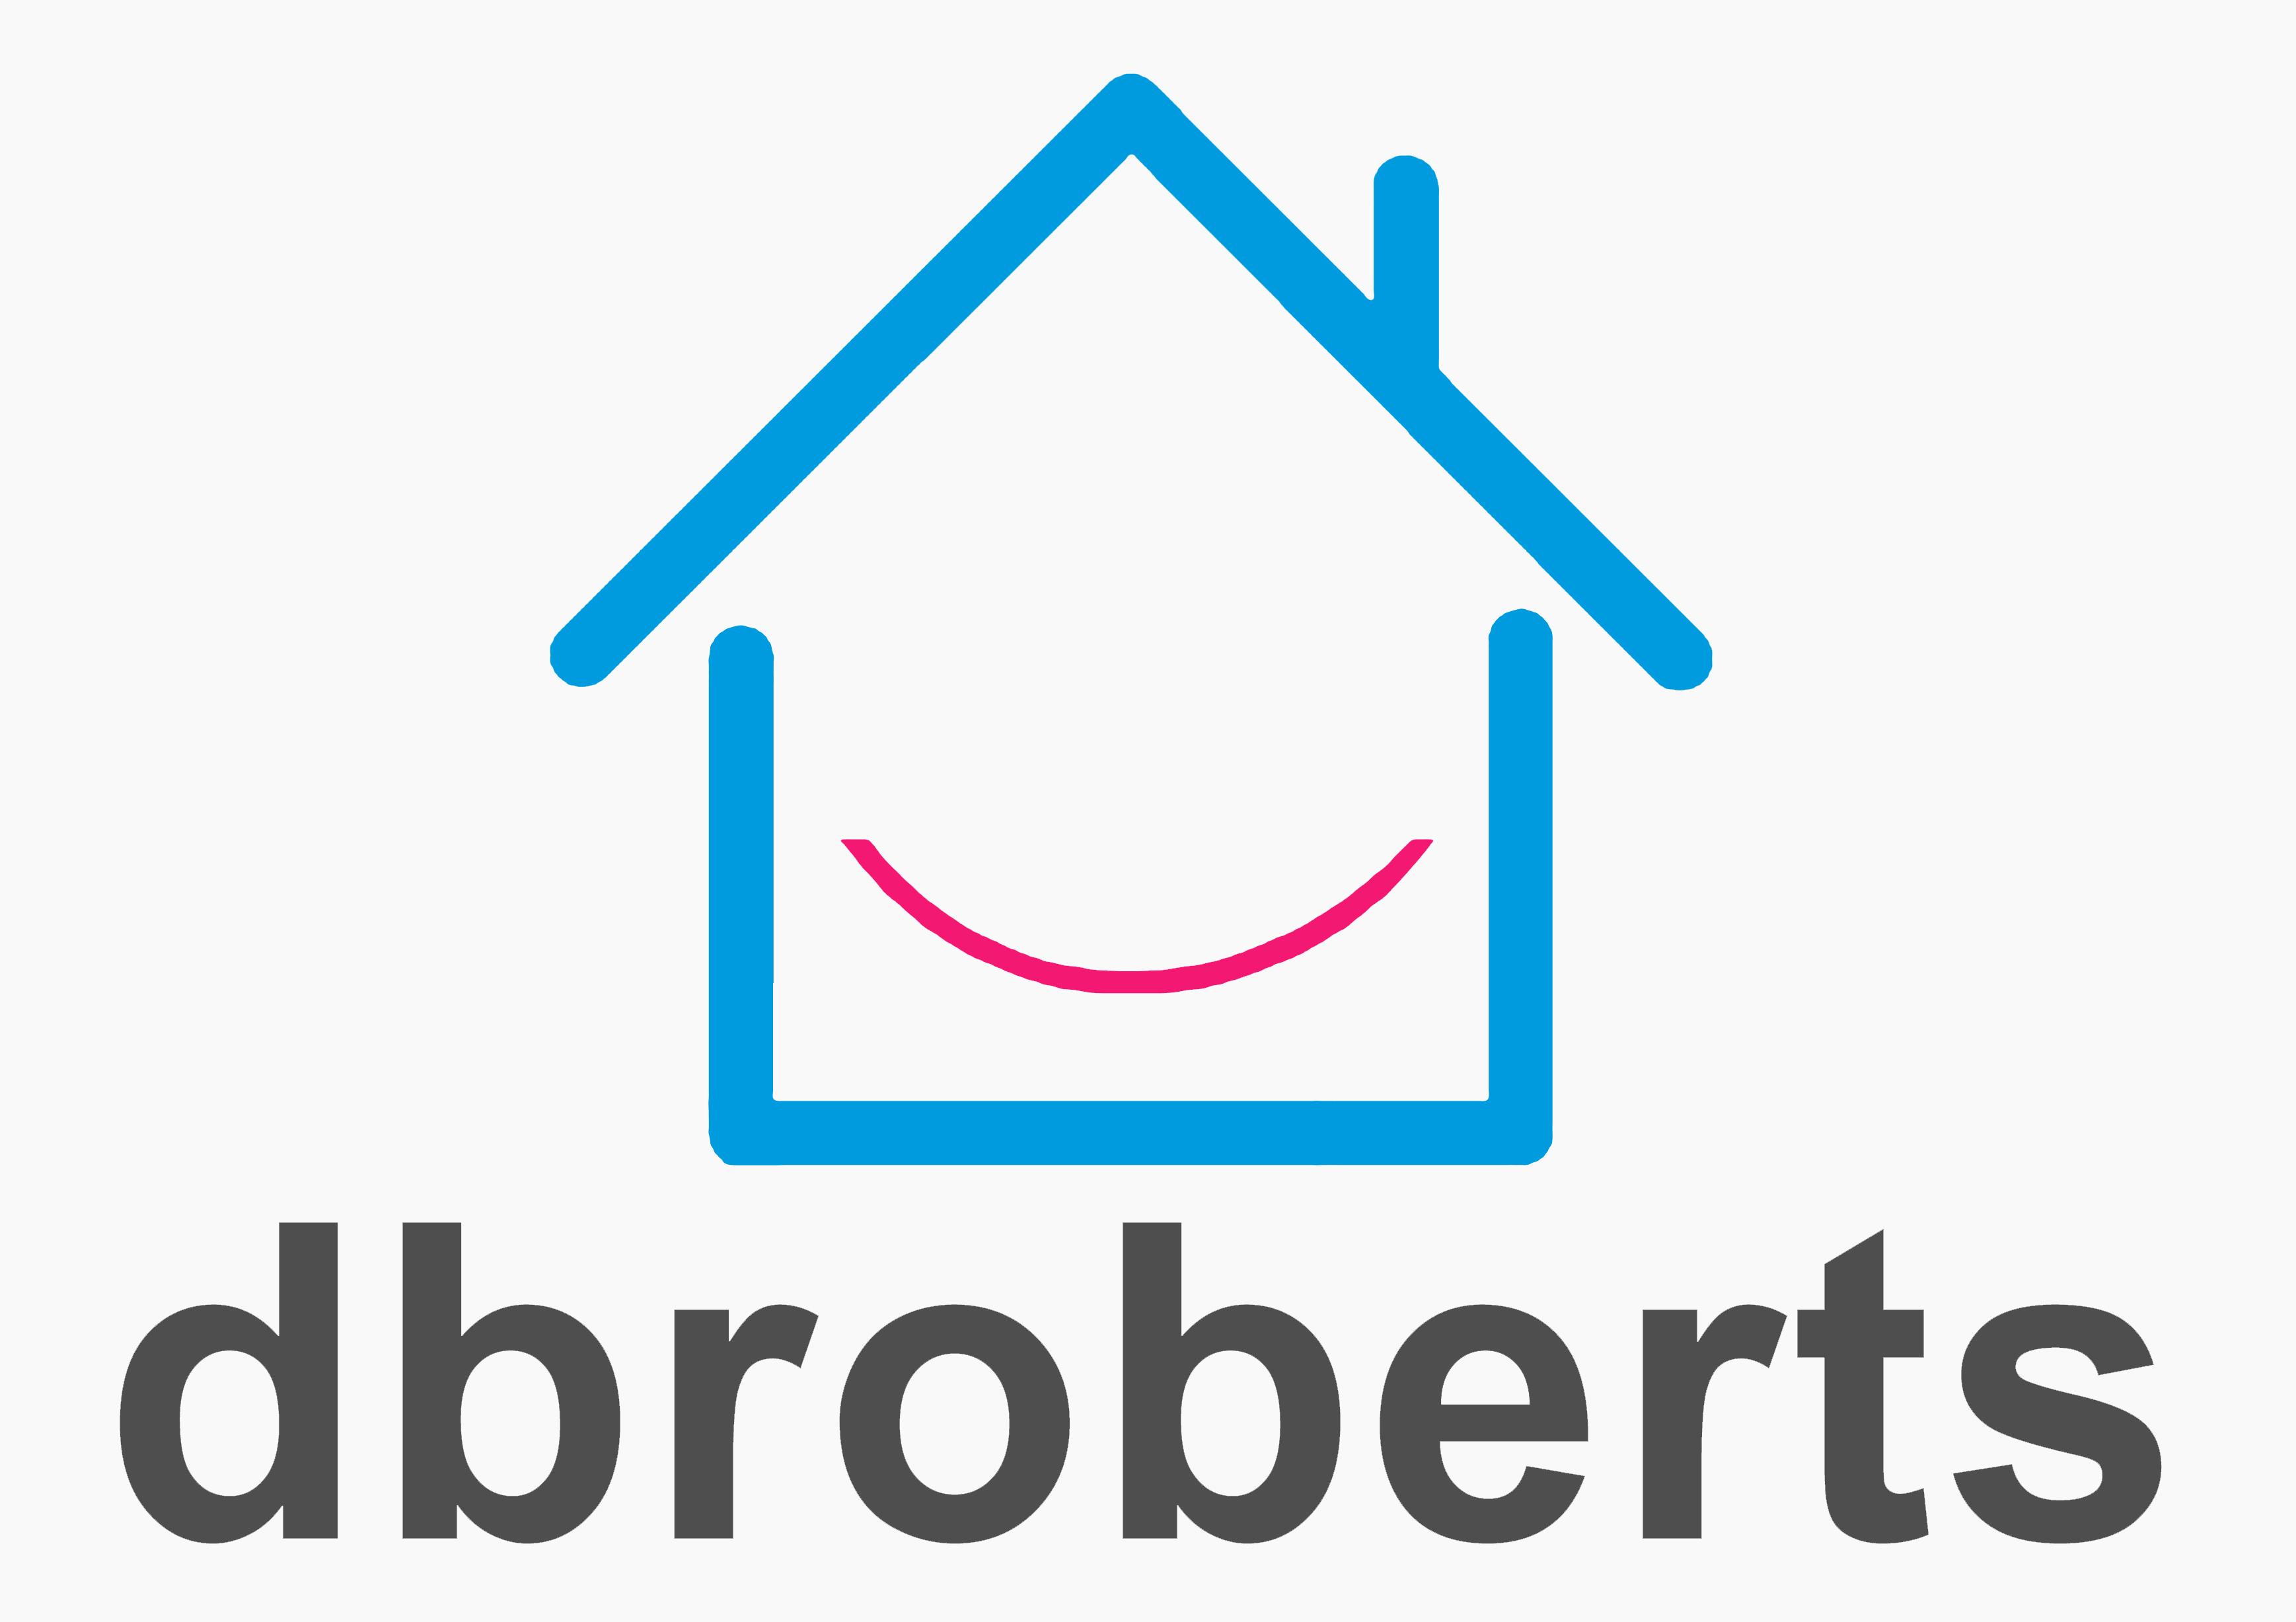 DB Roberts